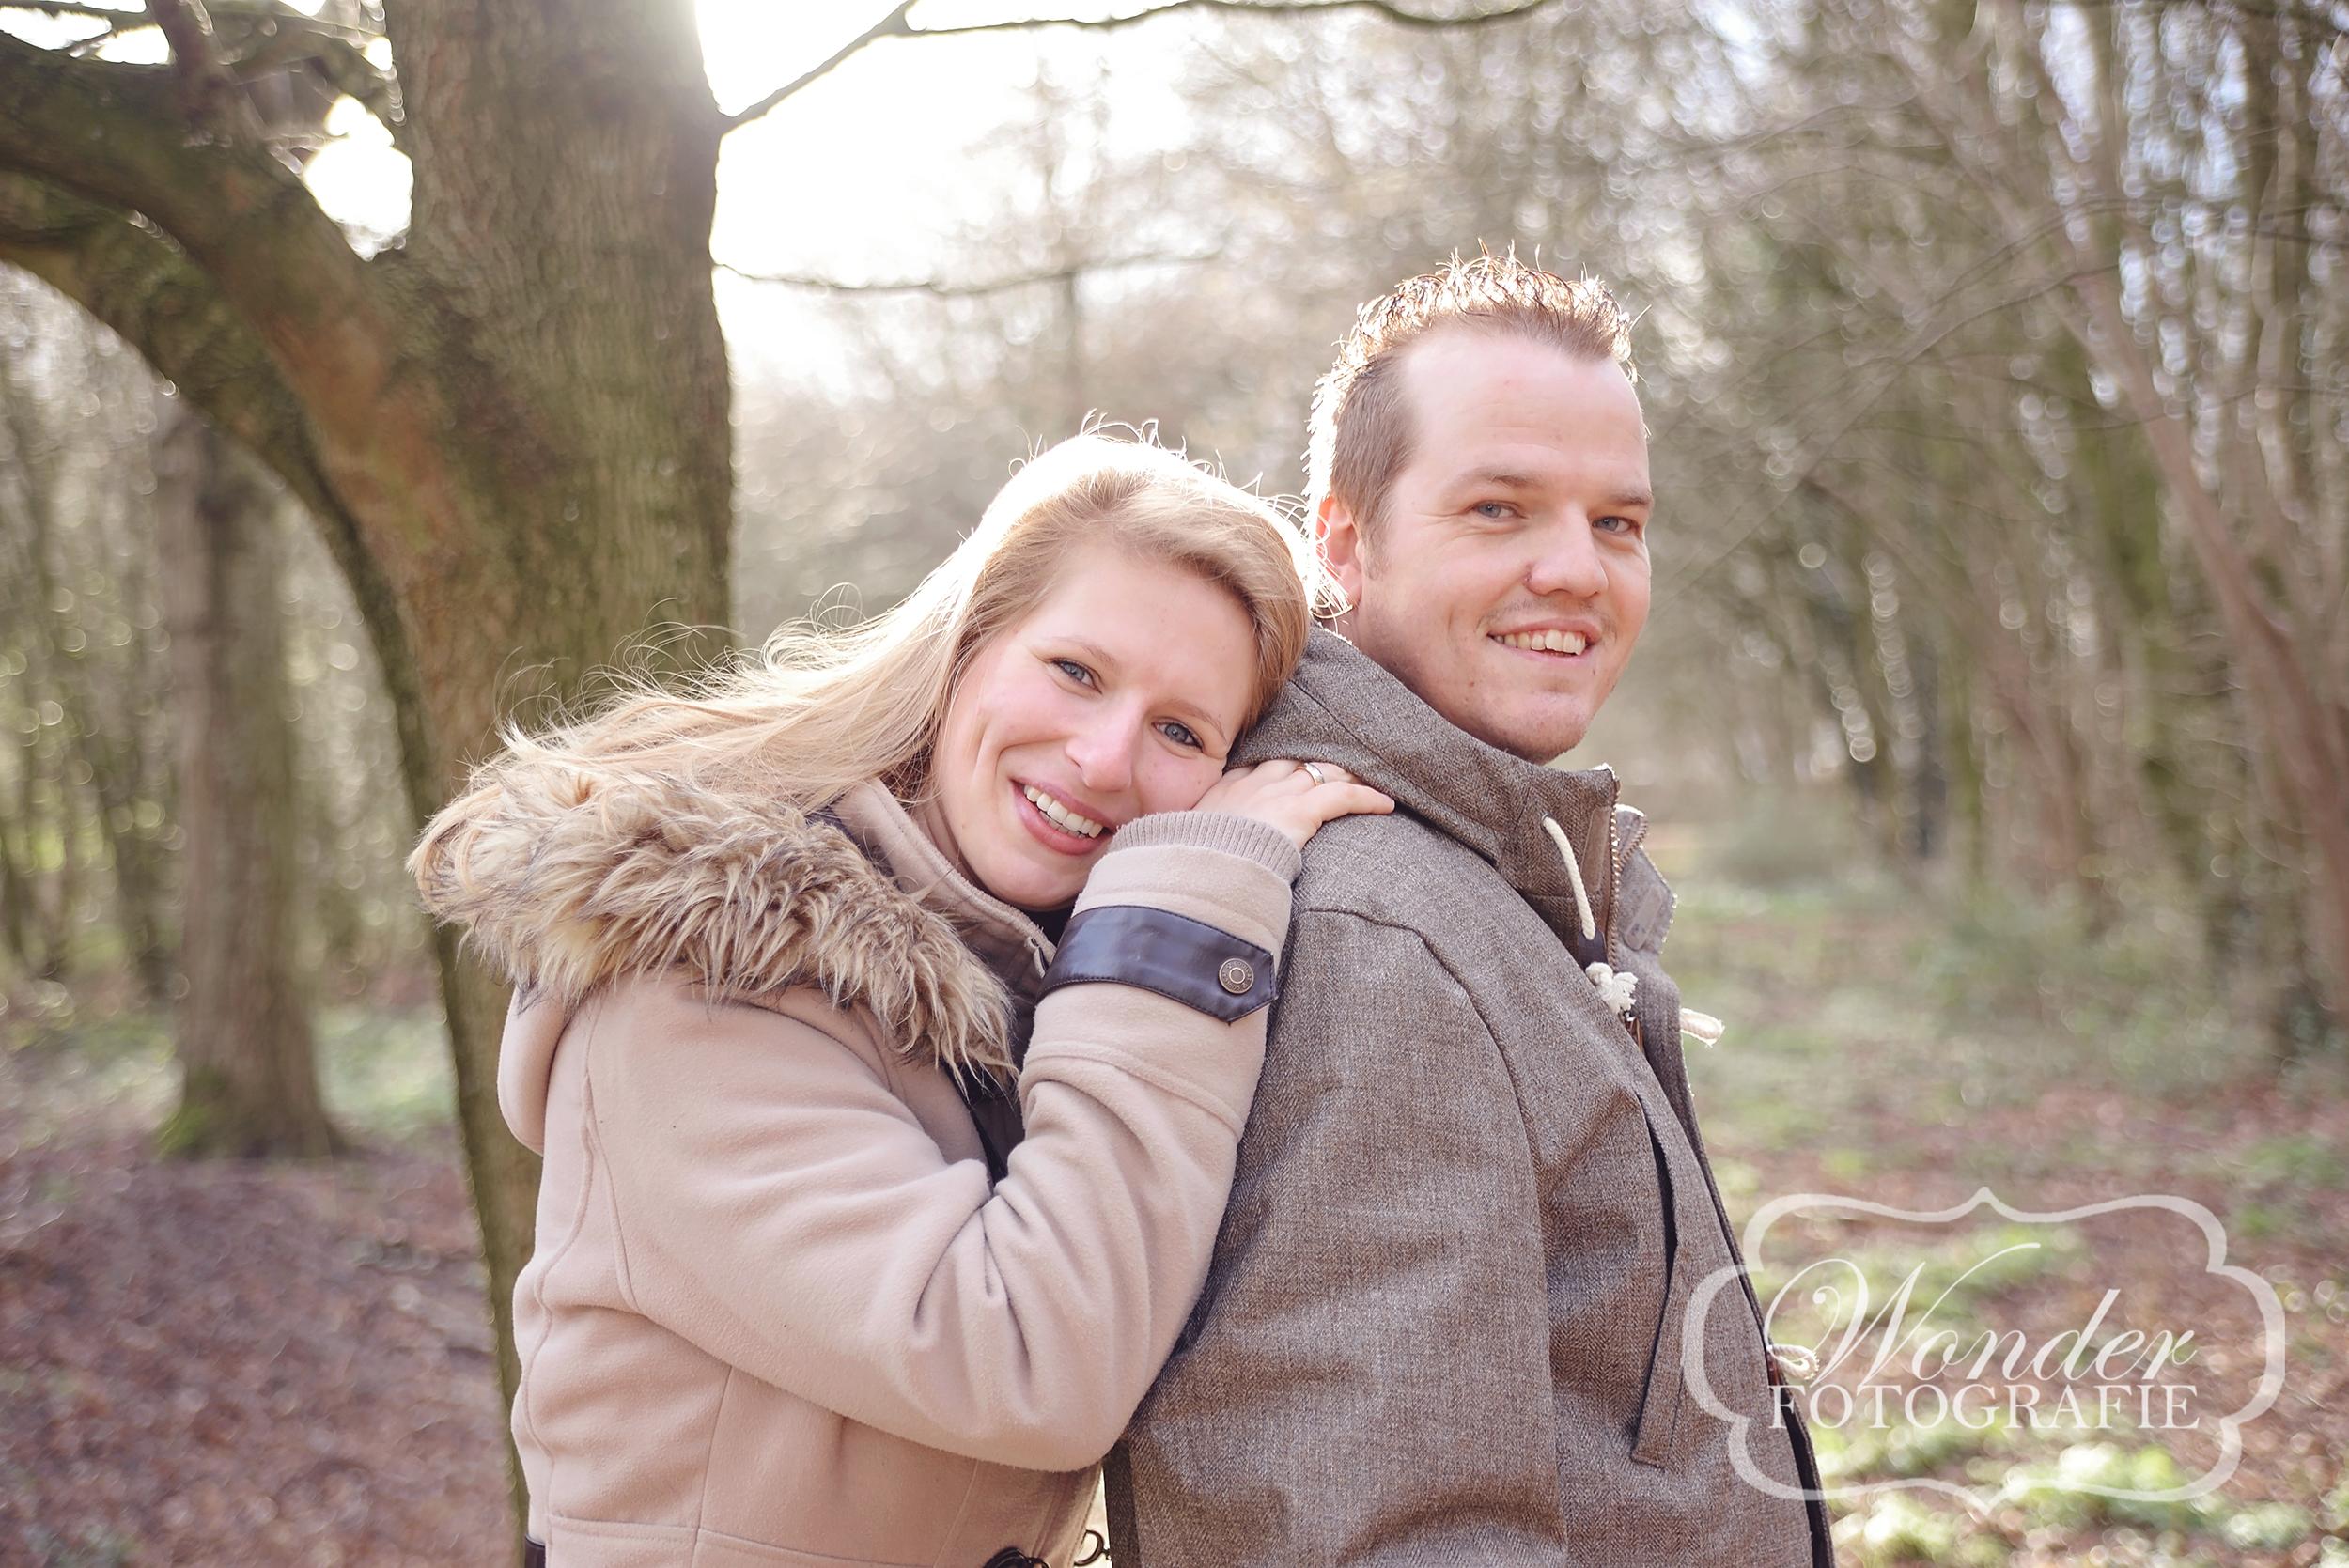 Preview Oefenfotoshoot Alex en Priscilla - Wonder Fotografie